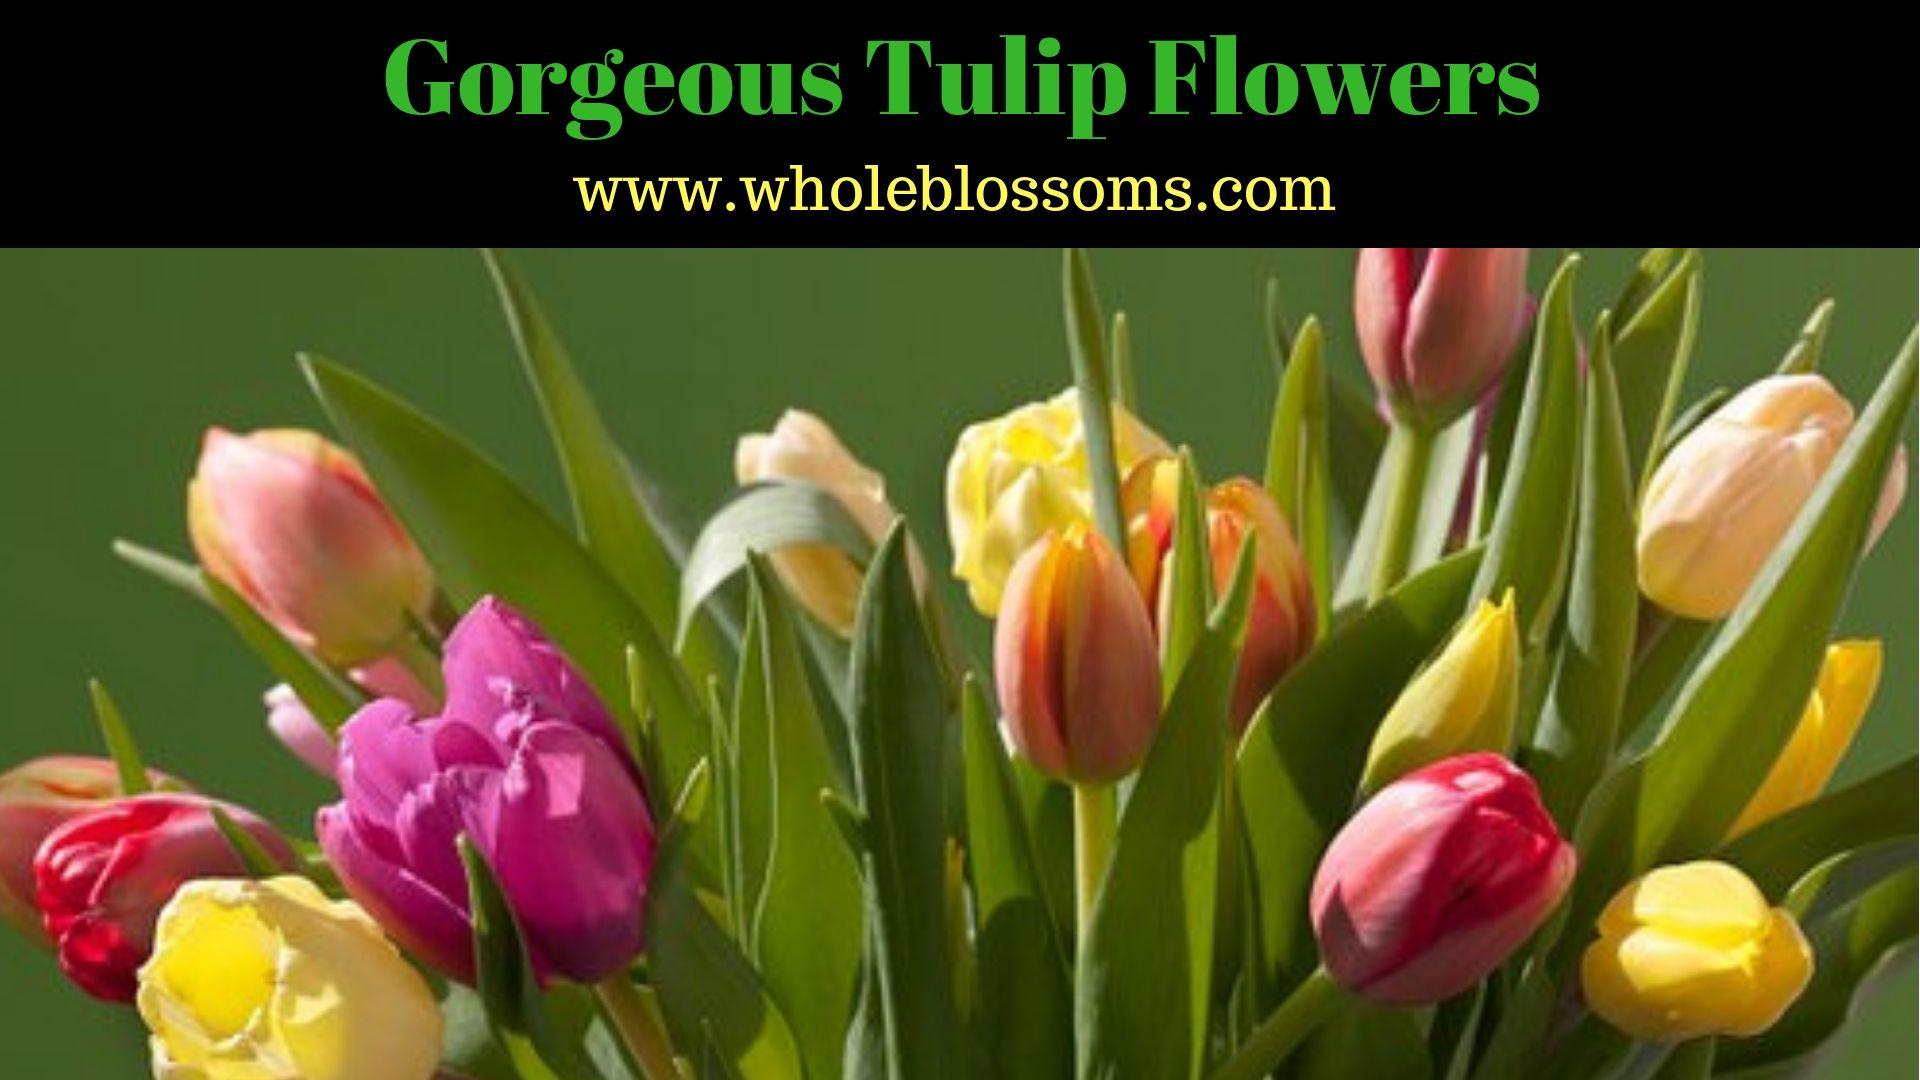 Bulk Orange Tulip Flower At Wholesale Prices Tulips Flowers Orange Tulips Tulips